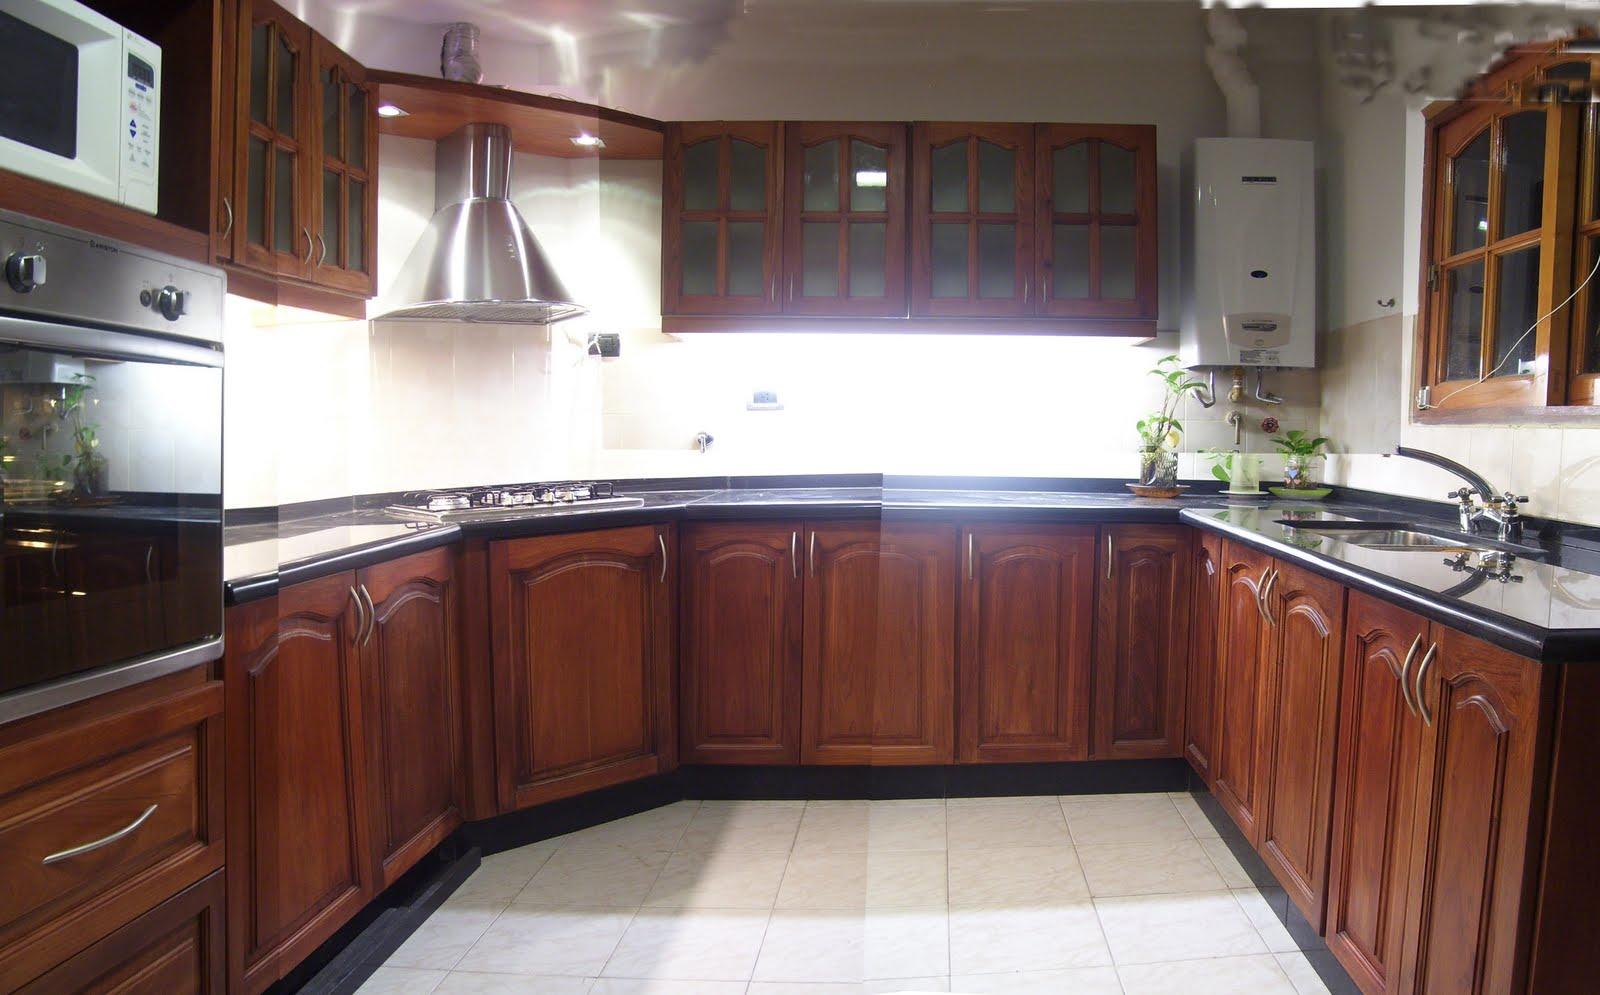 Dise o y desarrollo de muebles cocina en cedro macizo for Diseno de muebles para cocina